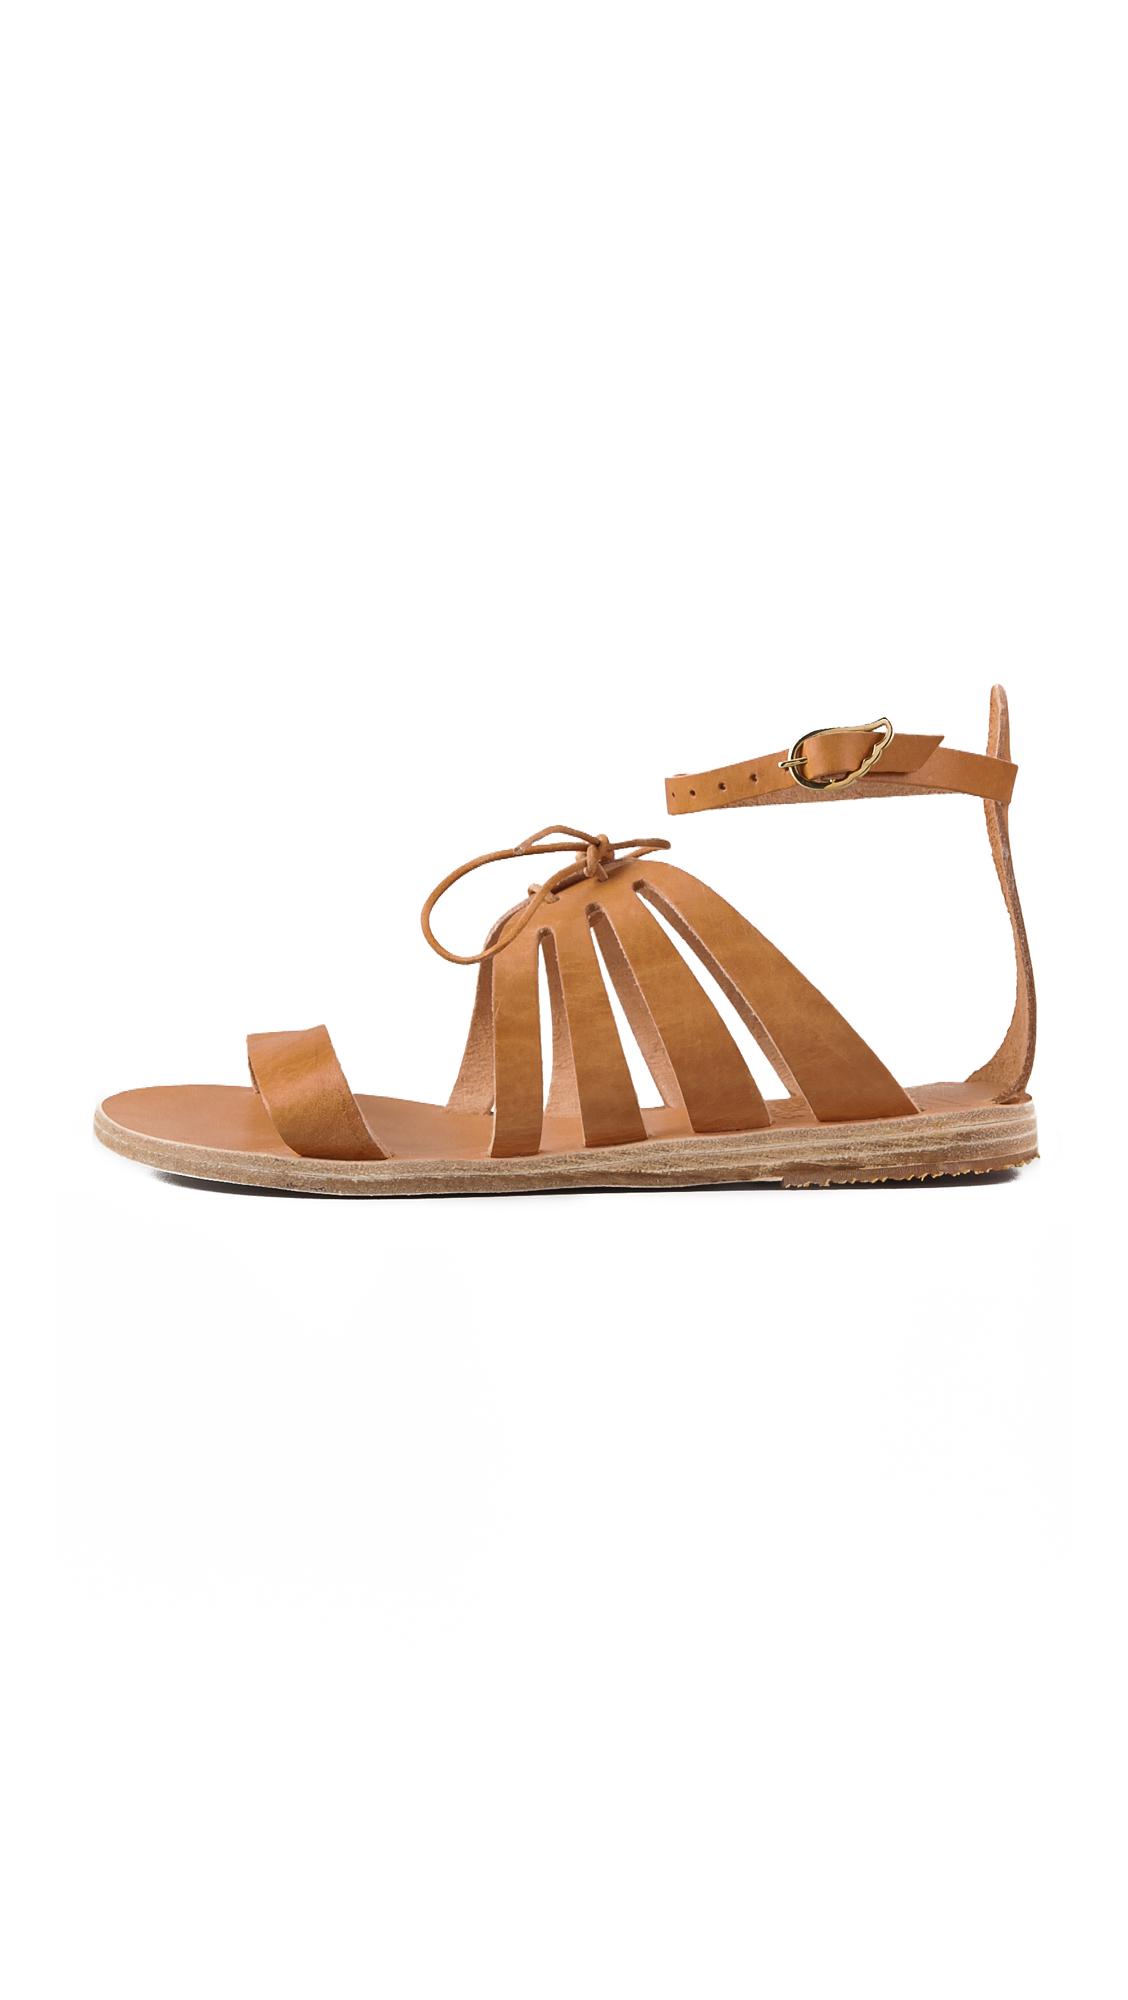 Lyst Ancient Greek Sandals Iphigenia Flat Sandals In Natural